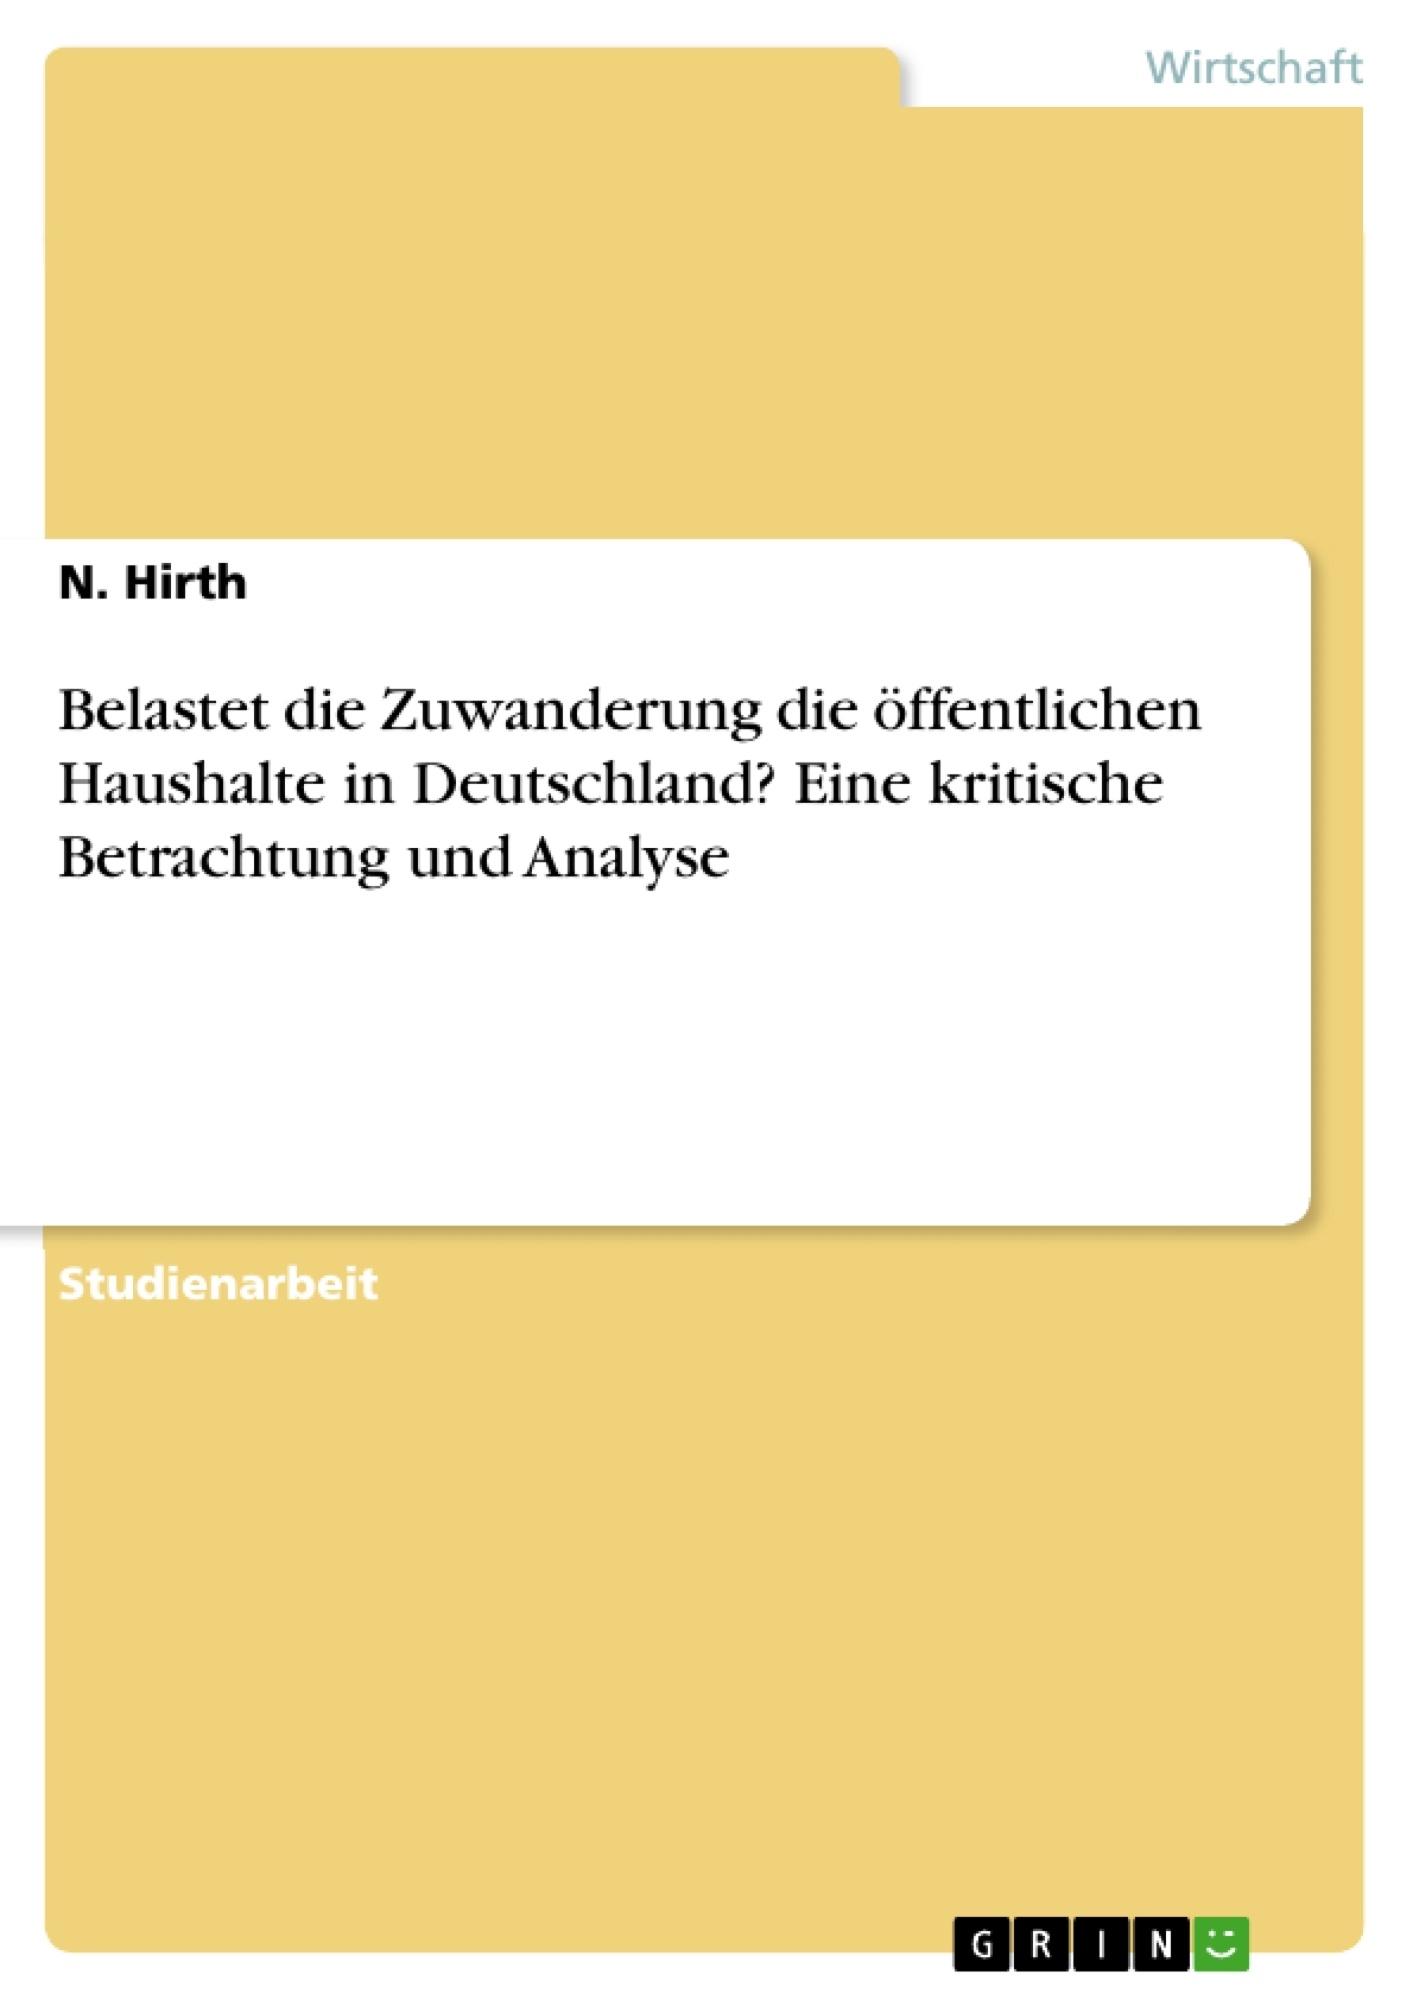 Titel: Belastet die Zuwanderung die öffentlichen Haushalte in Deutschland? Eine kritische Betrachtung und Analyse